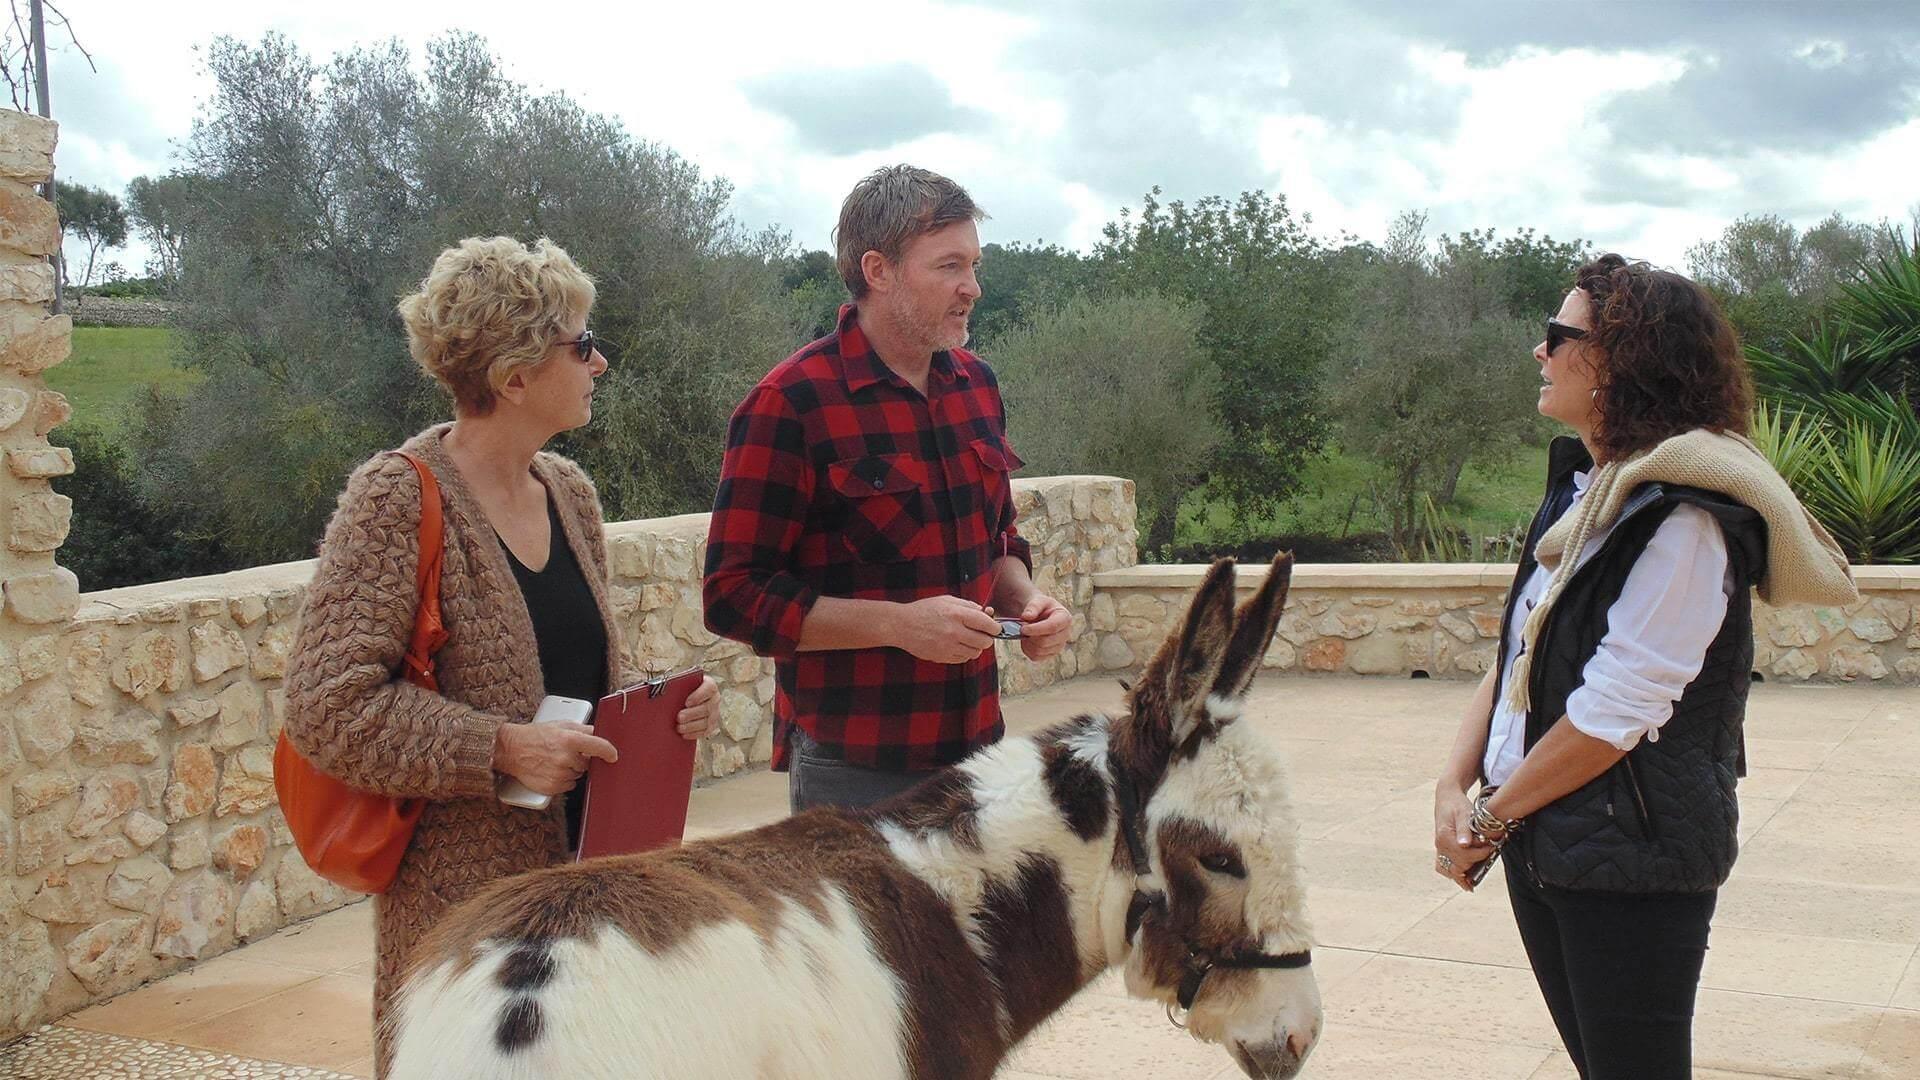 Solysia solar pannels Mallorca Ulla Johnny Holly and the donkey min